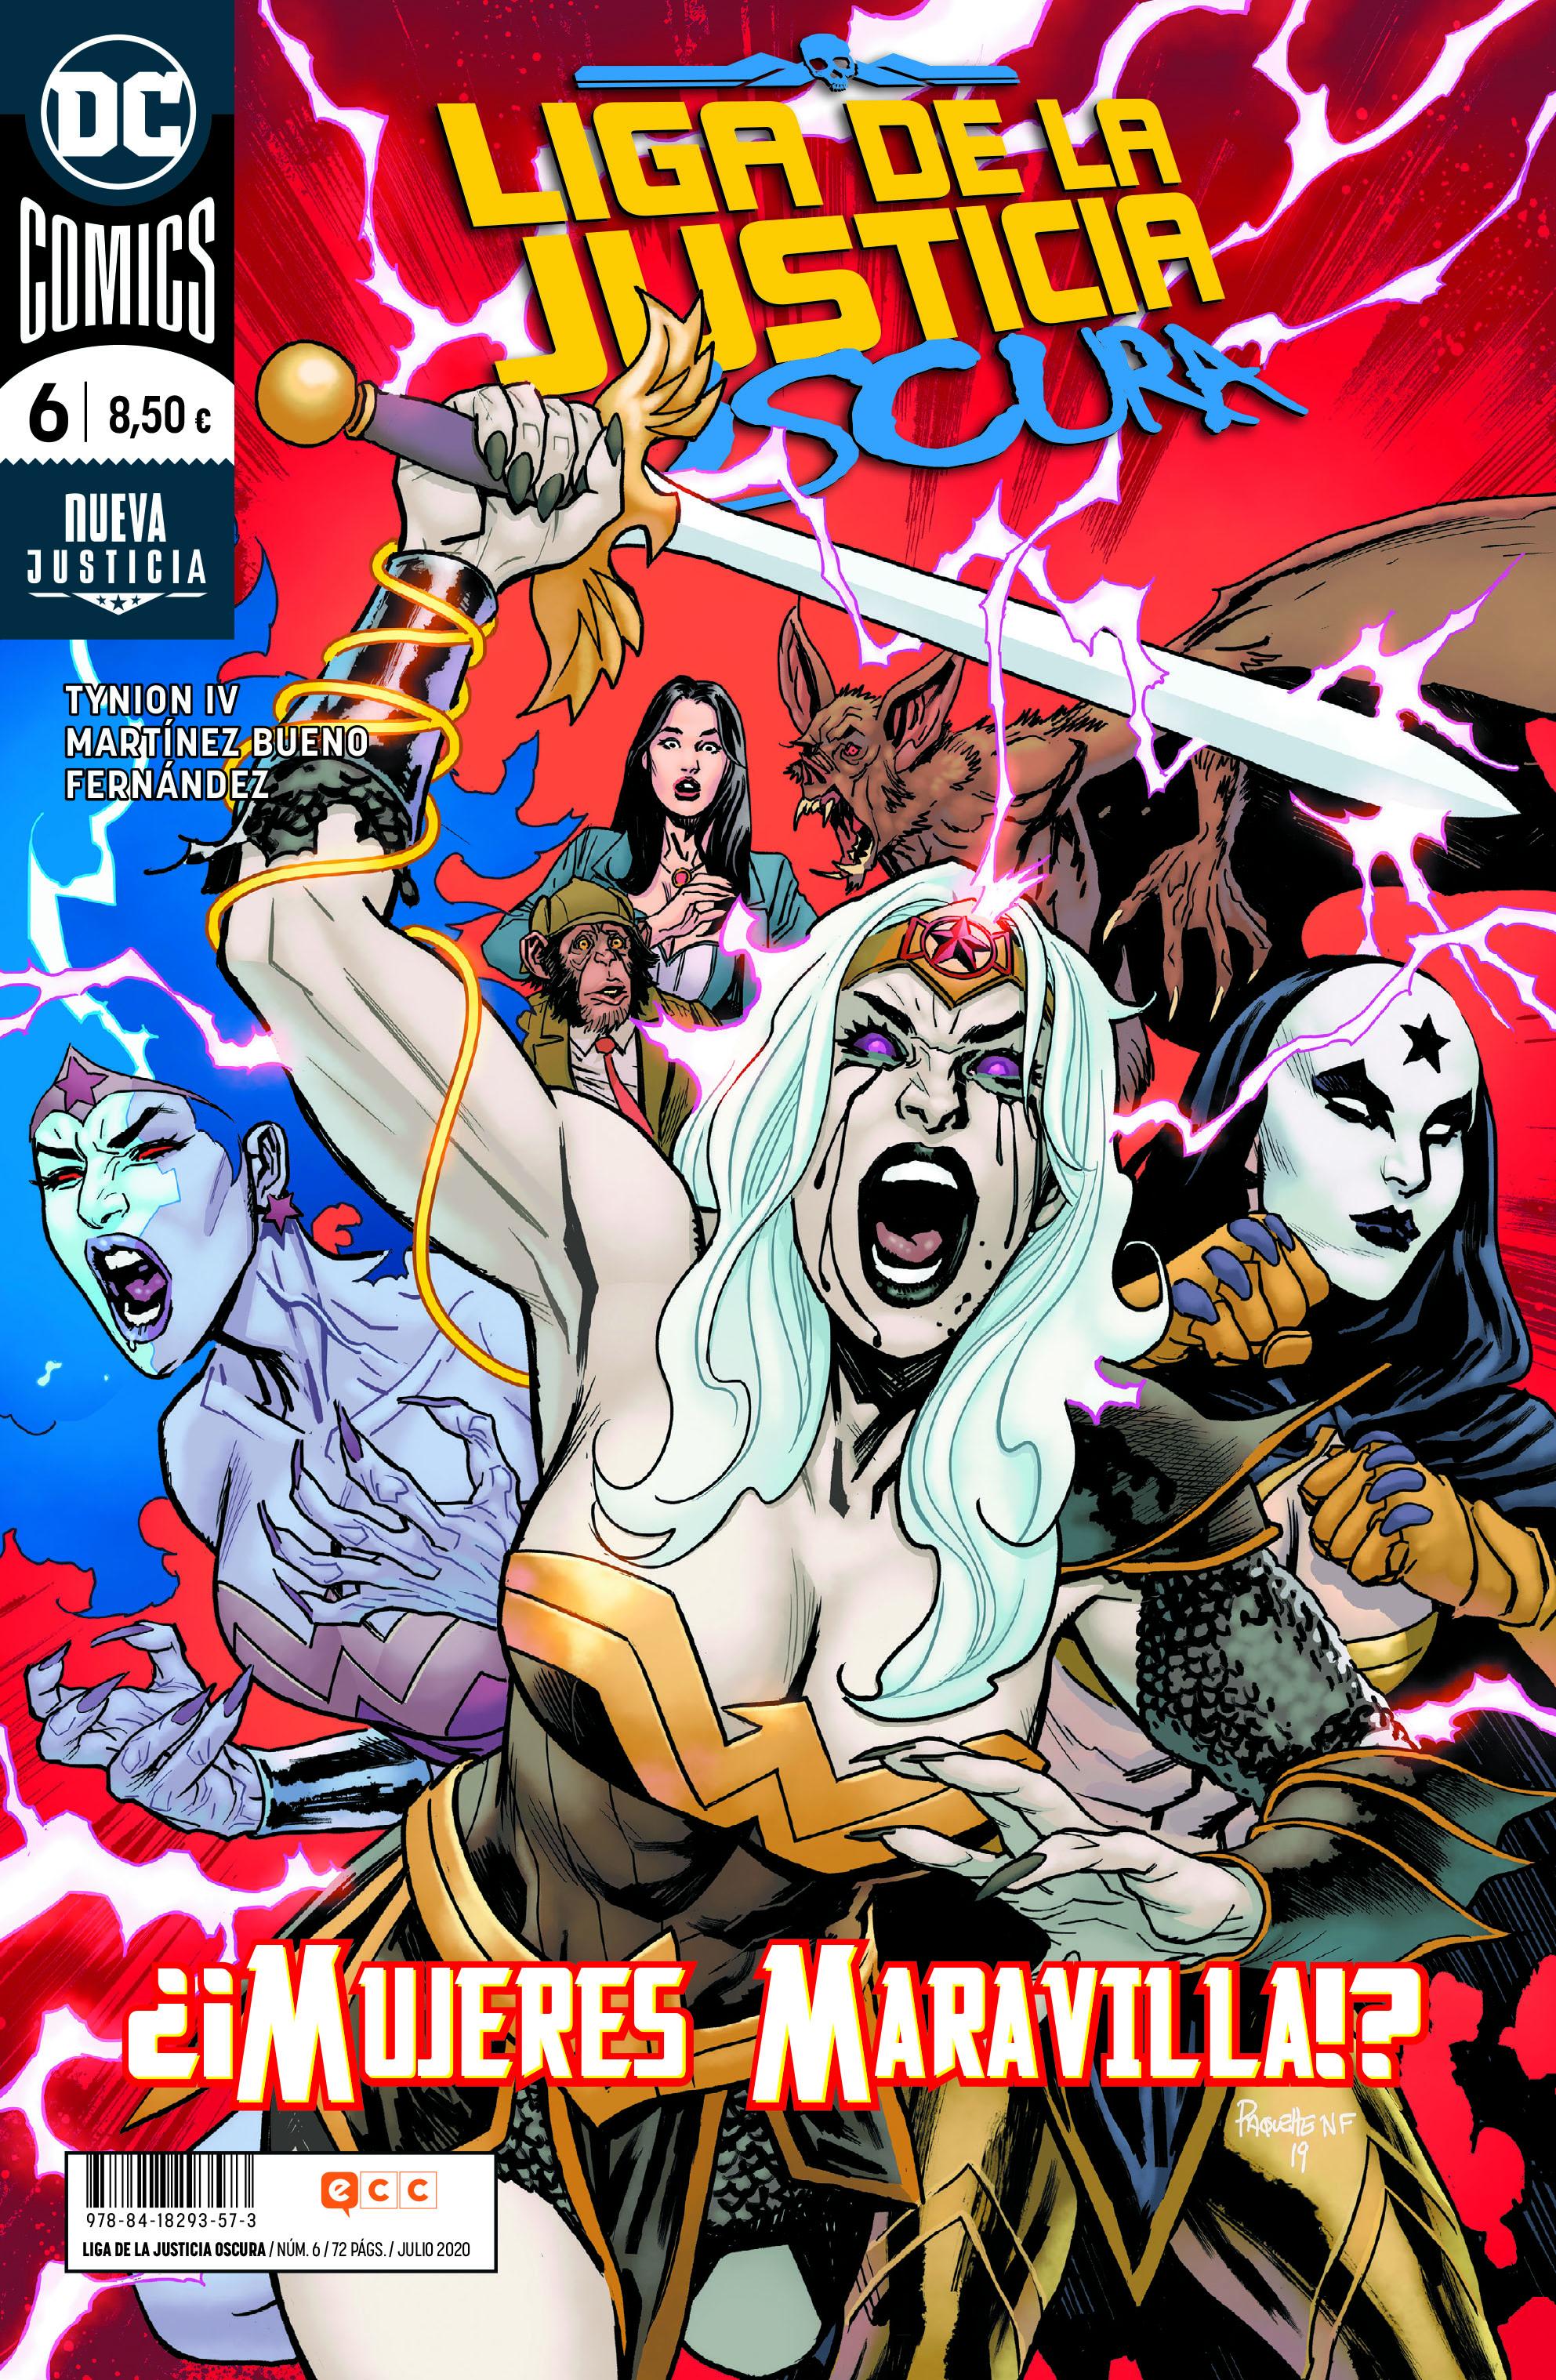 Liga de la Justicia Oscura vol. 2, núm. 06